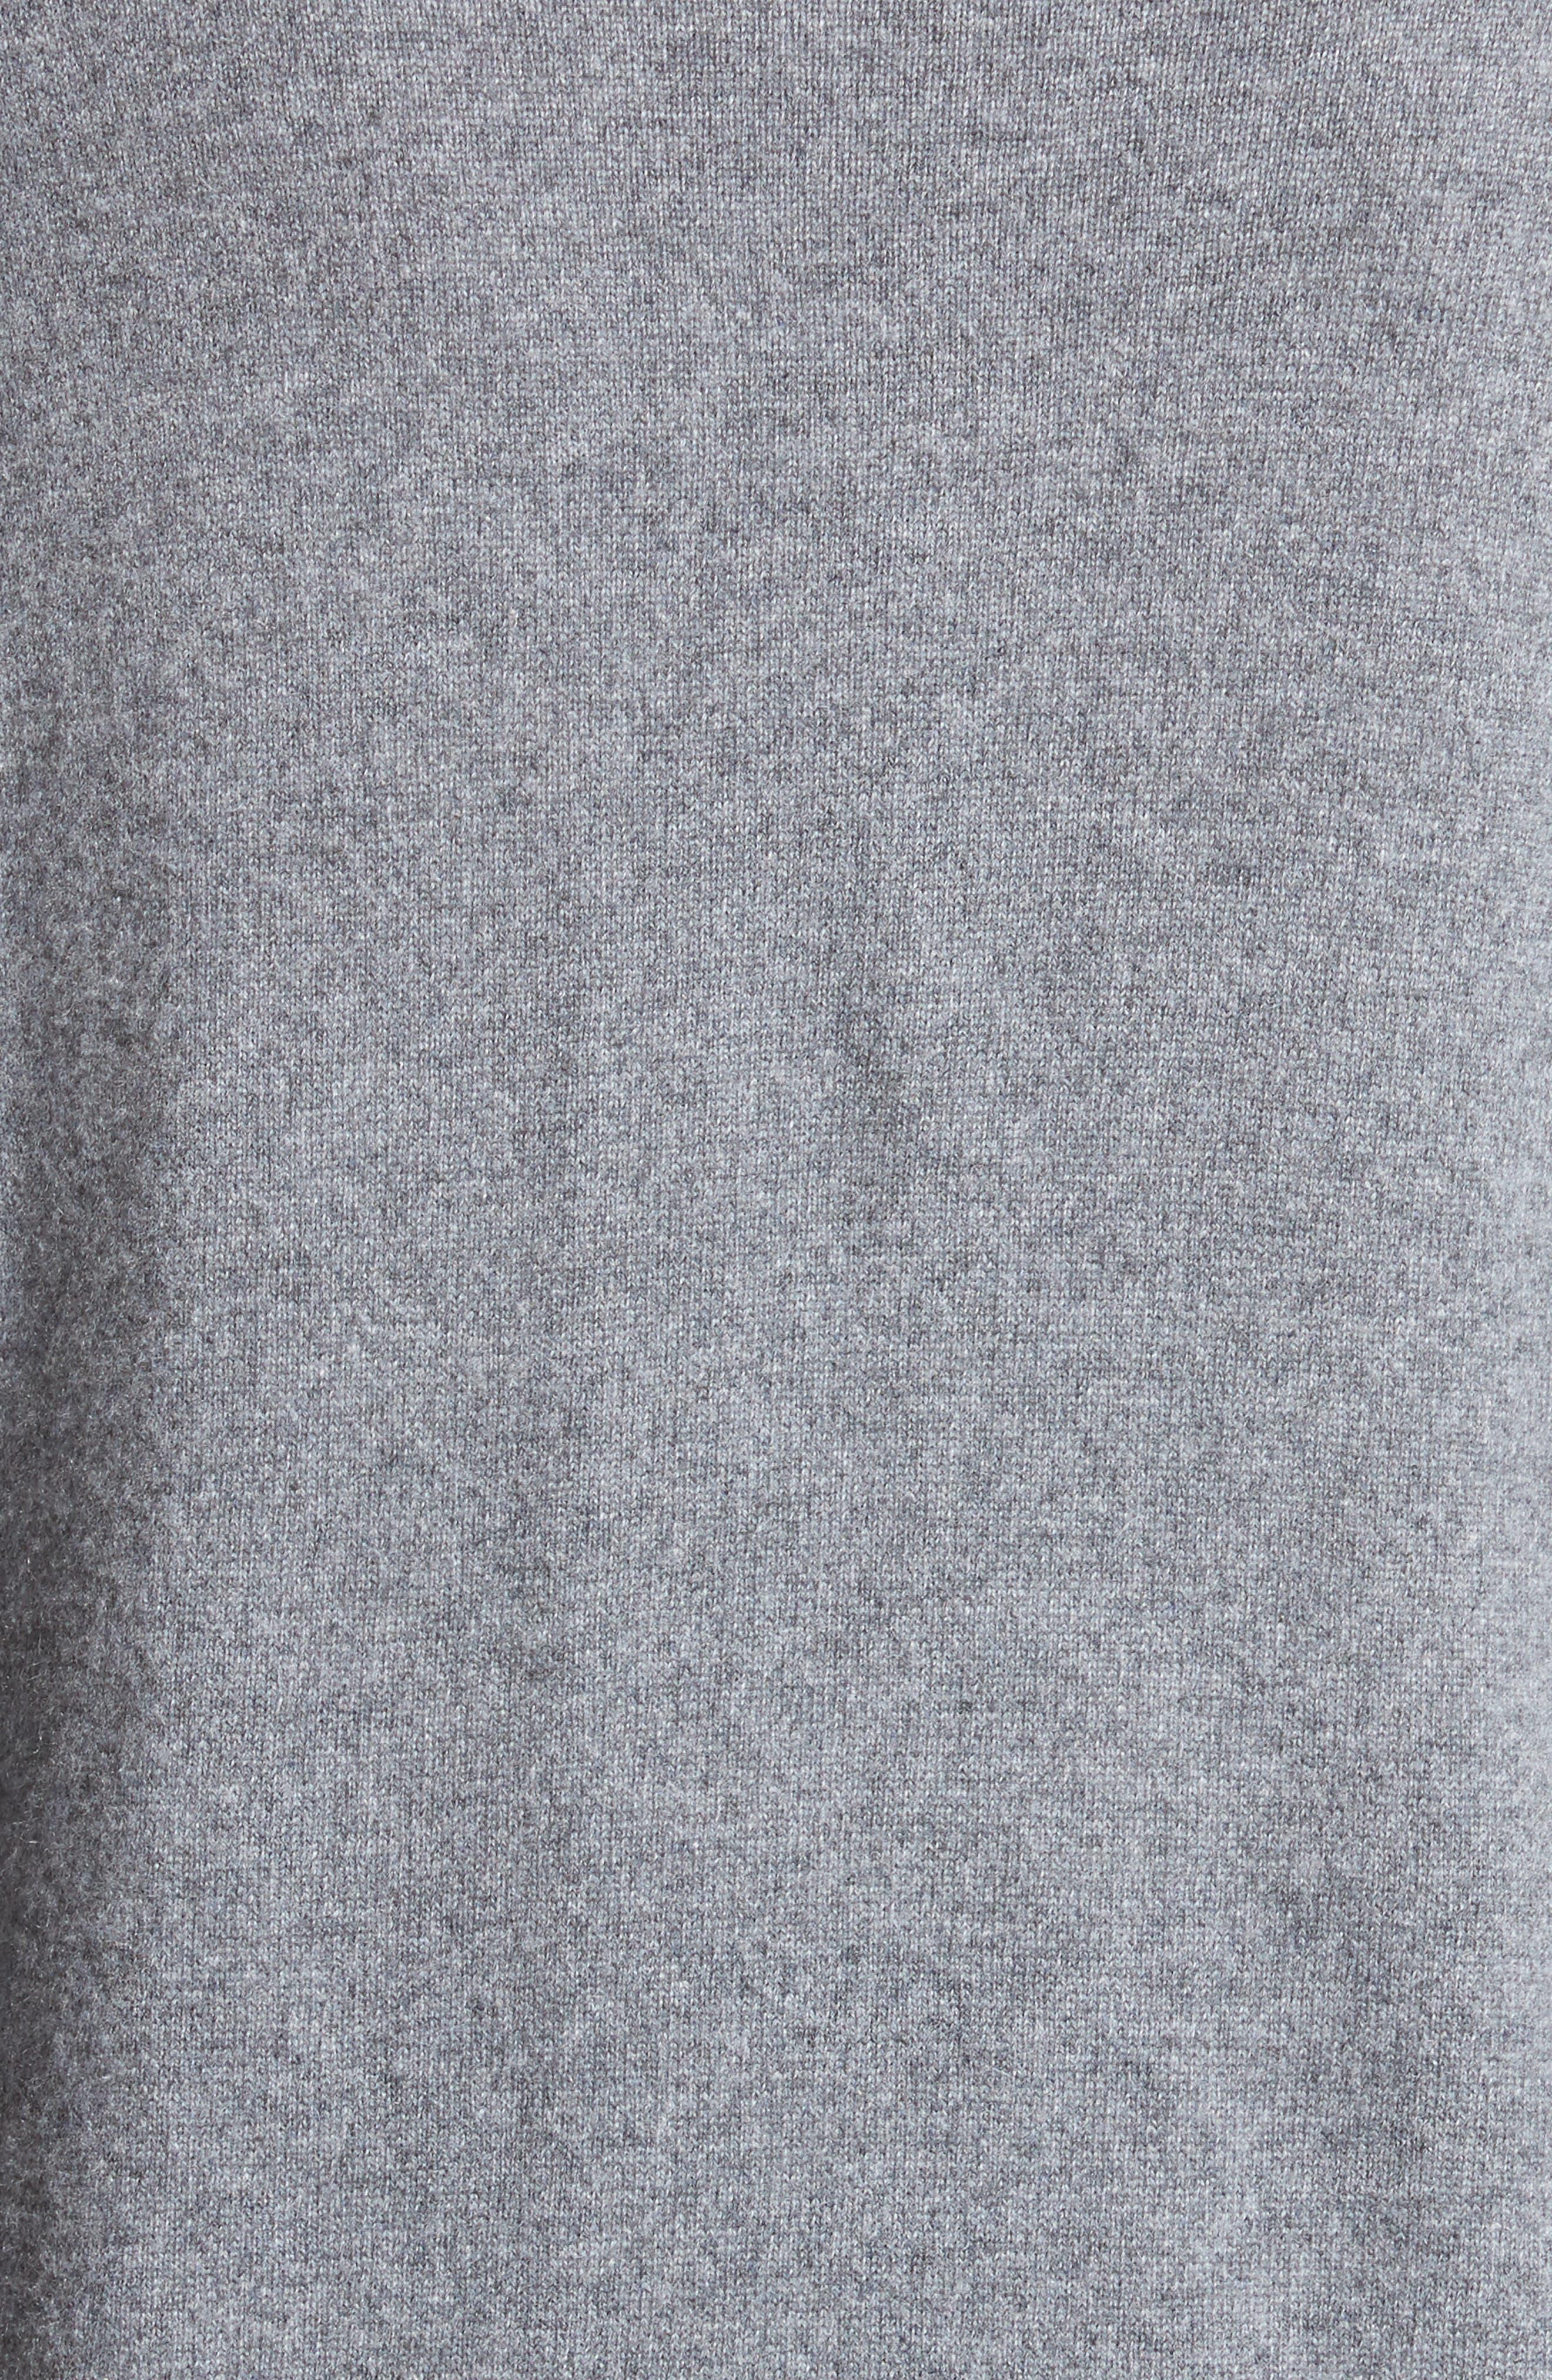 Embellished Cashmere Turtleneck Sweater,                             Alternate thumbnail 3, color,                             Grey